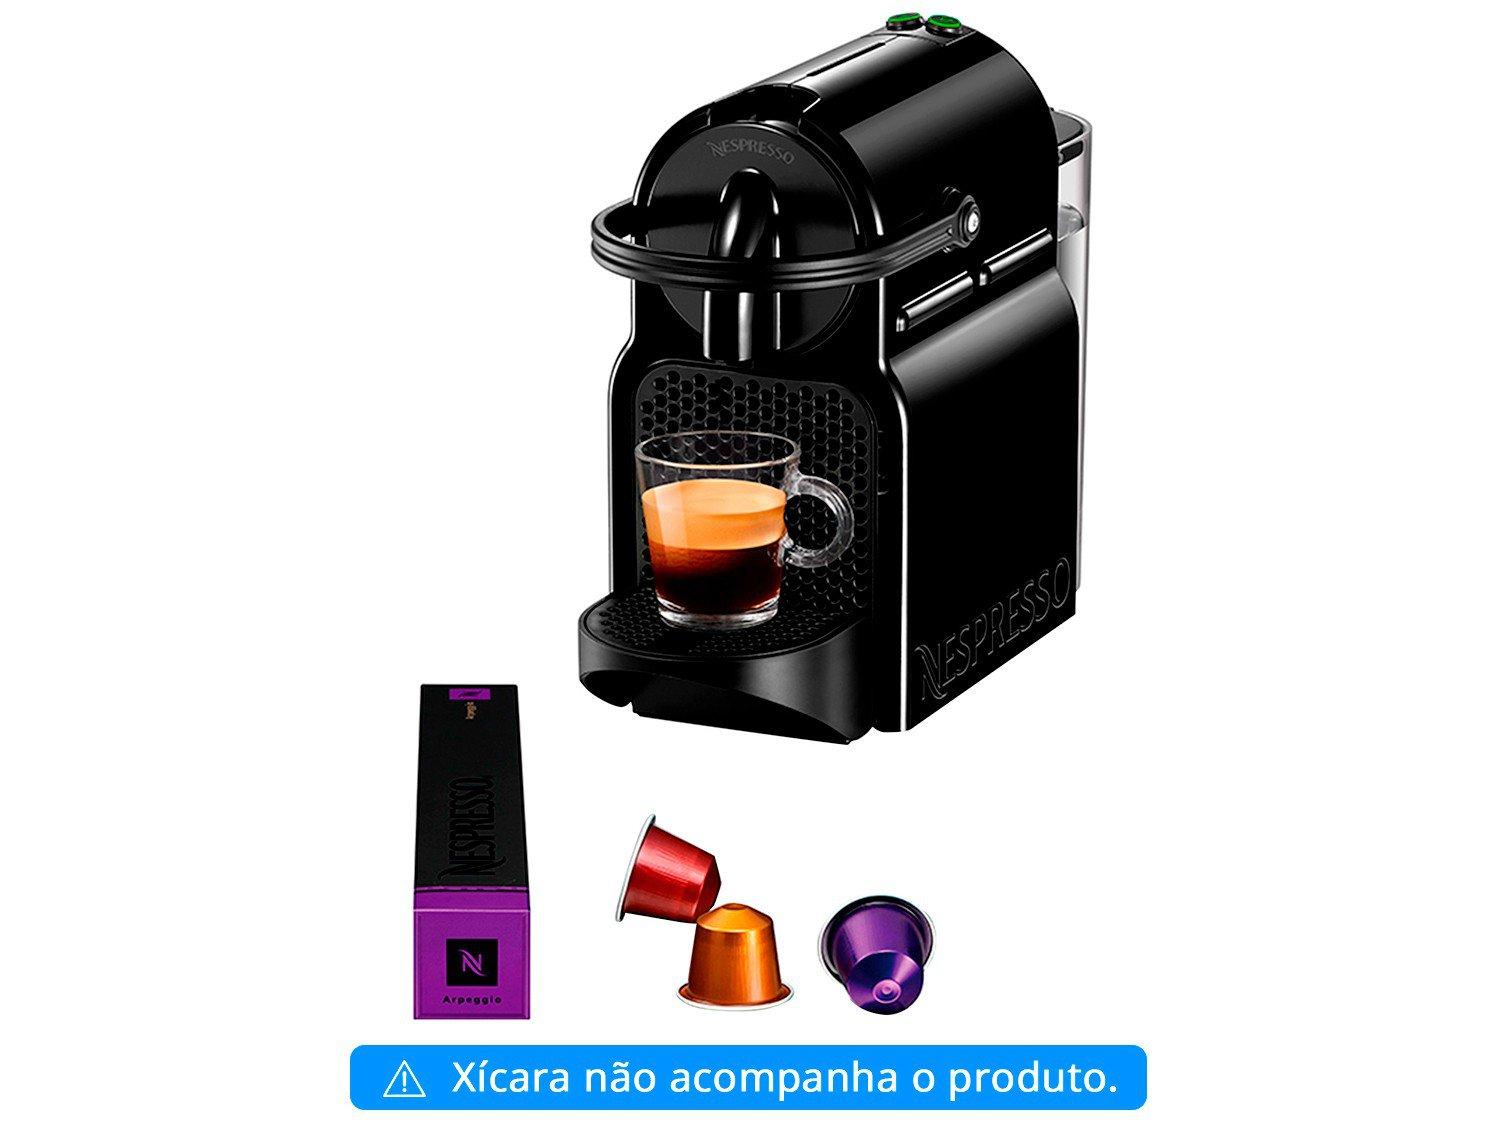 Cafeteira Nespresso Inissia D40 com Kit Boas Vindas - Preta - 110V - 6